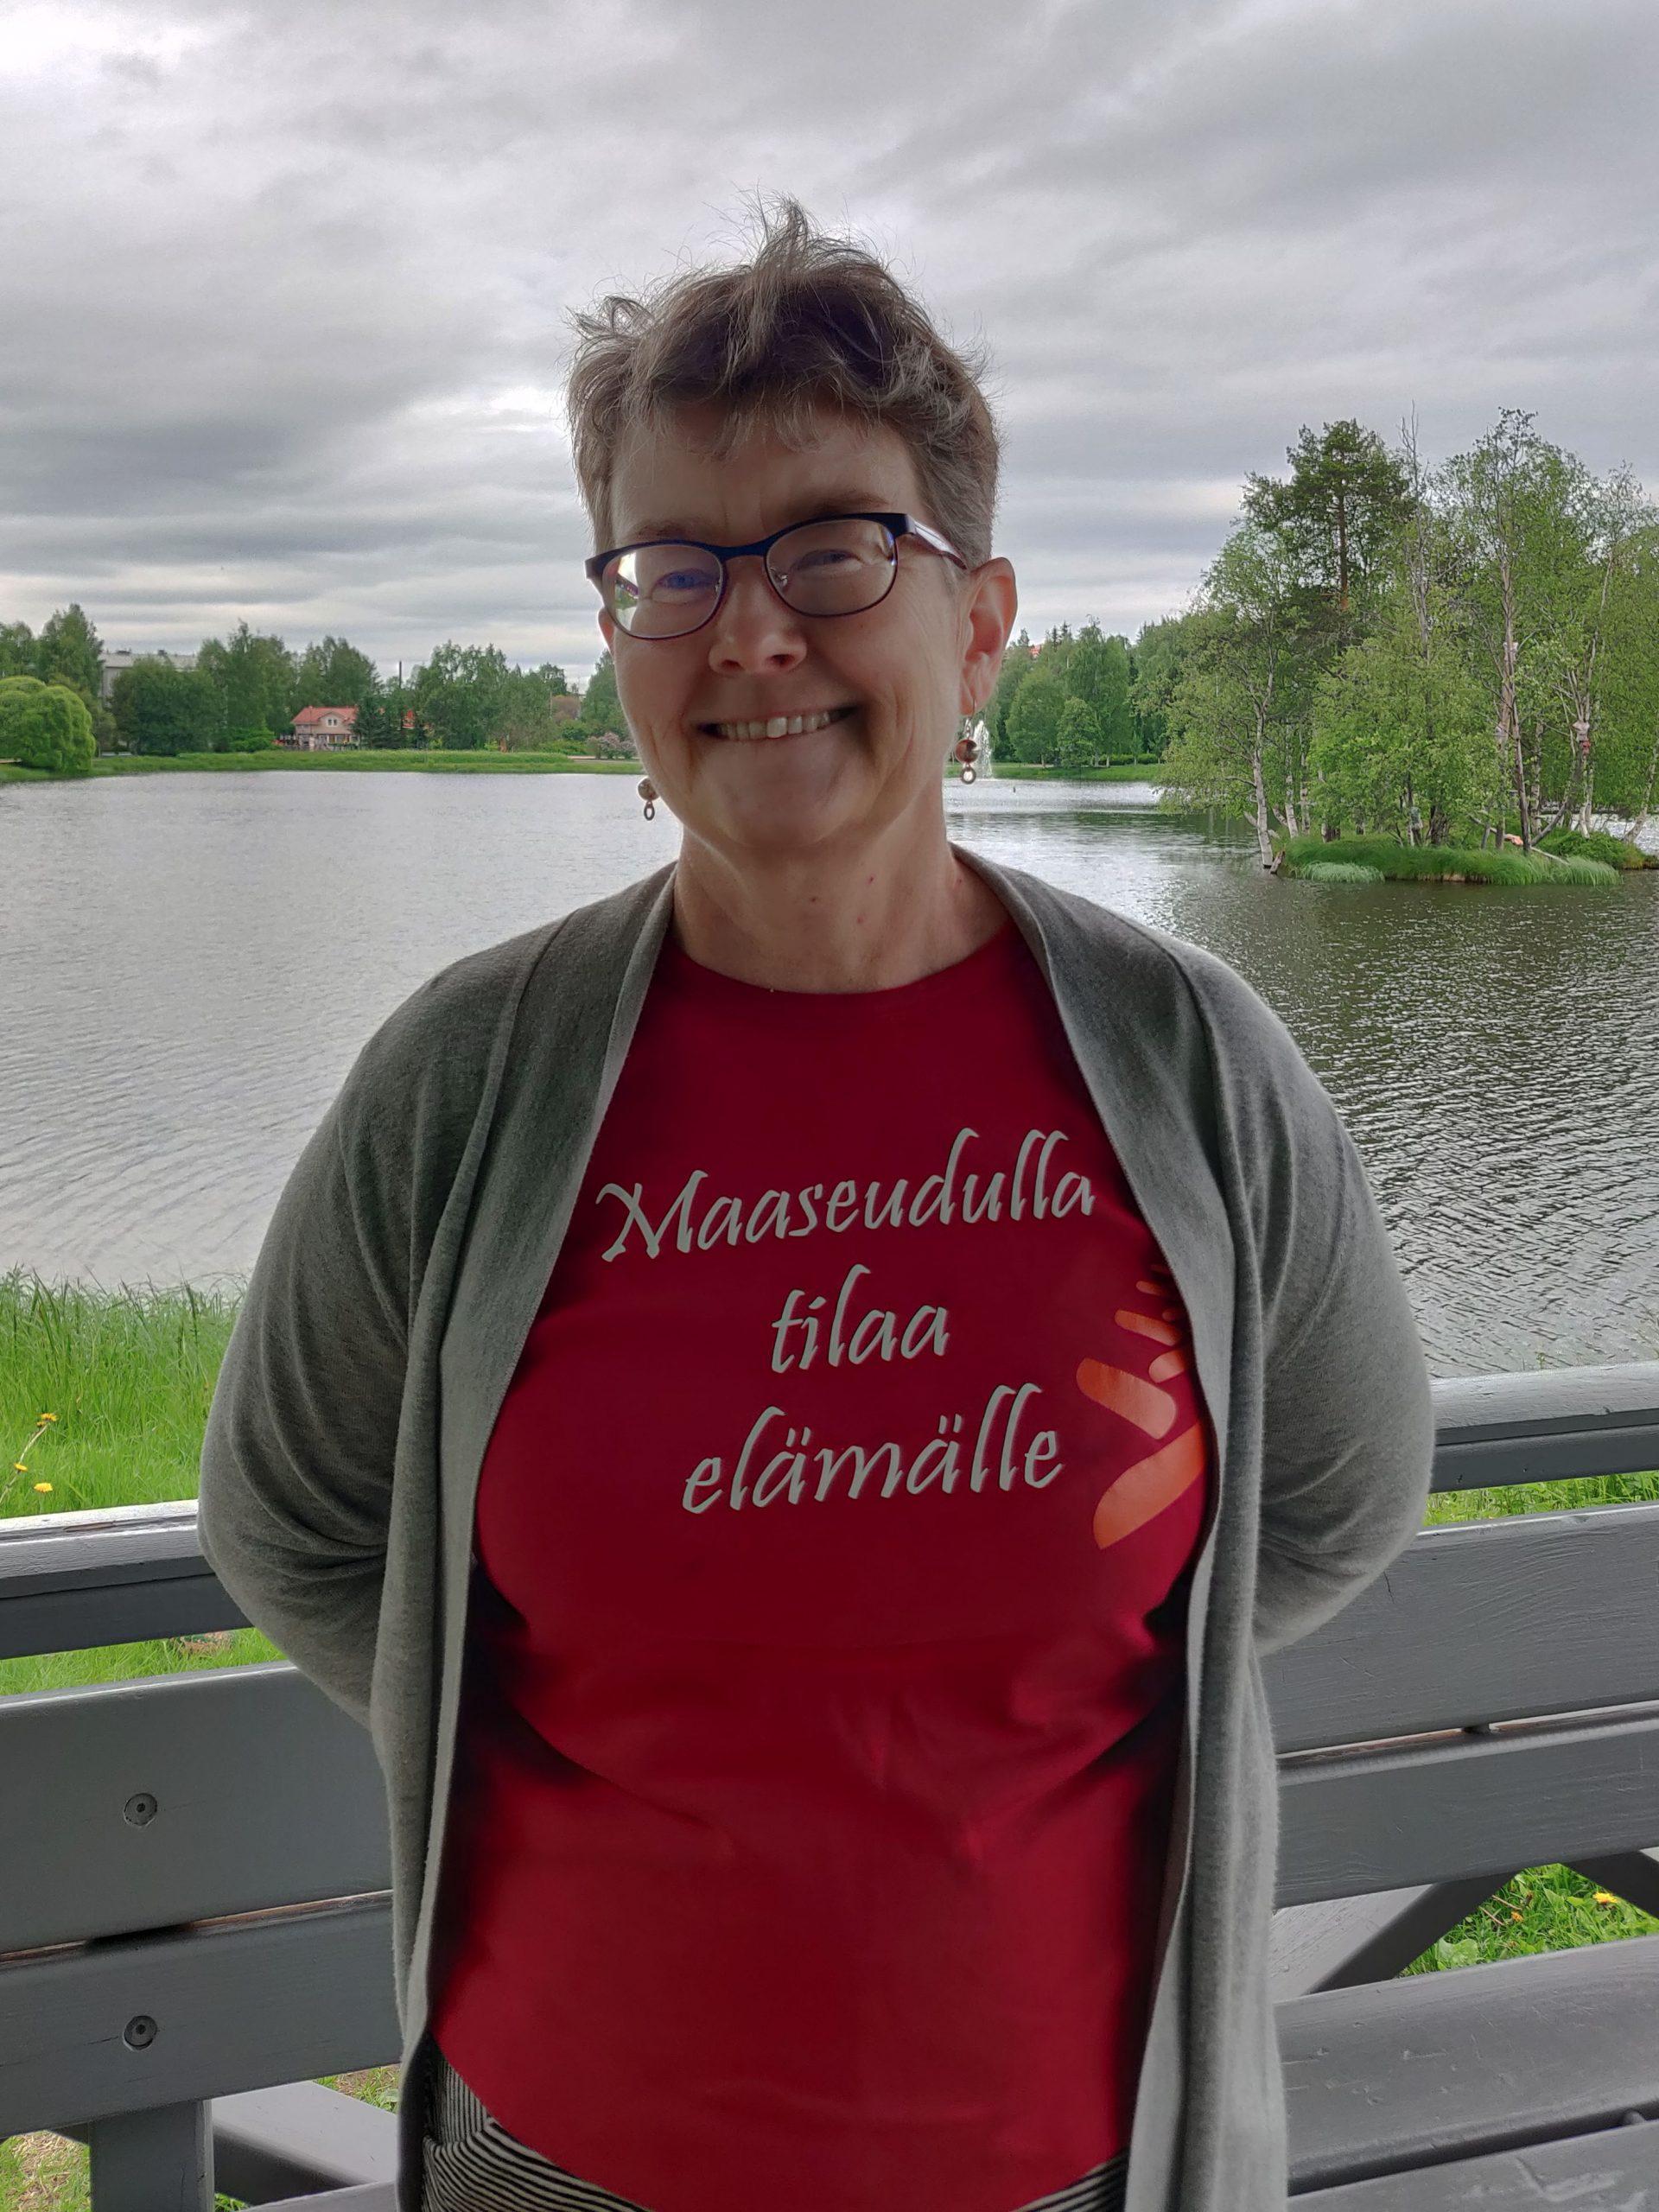 Anne Ristioja hymyilee kameralle, taustalla lampi, t-paidassa lukee maaseudulla tilaa elämälle.